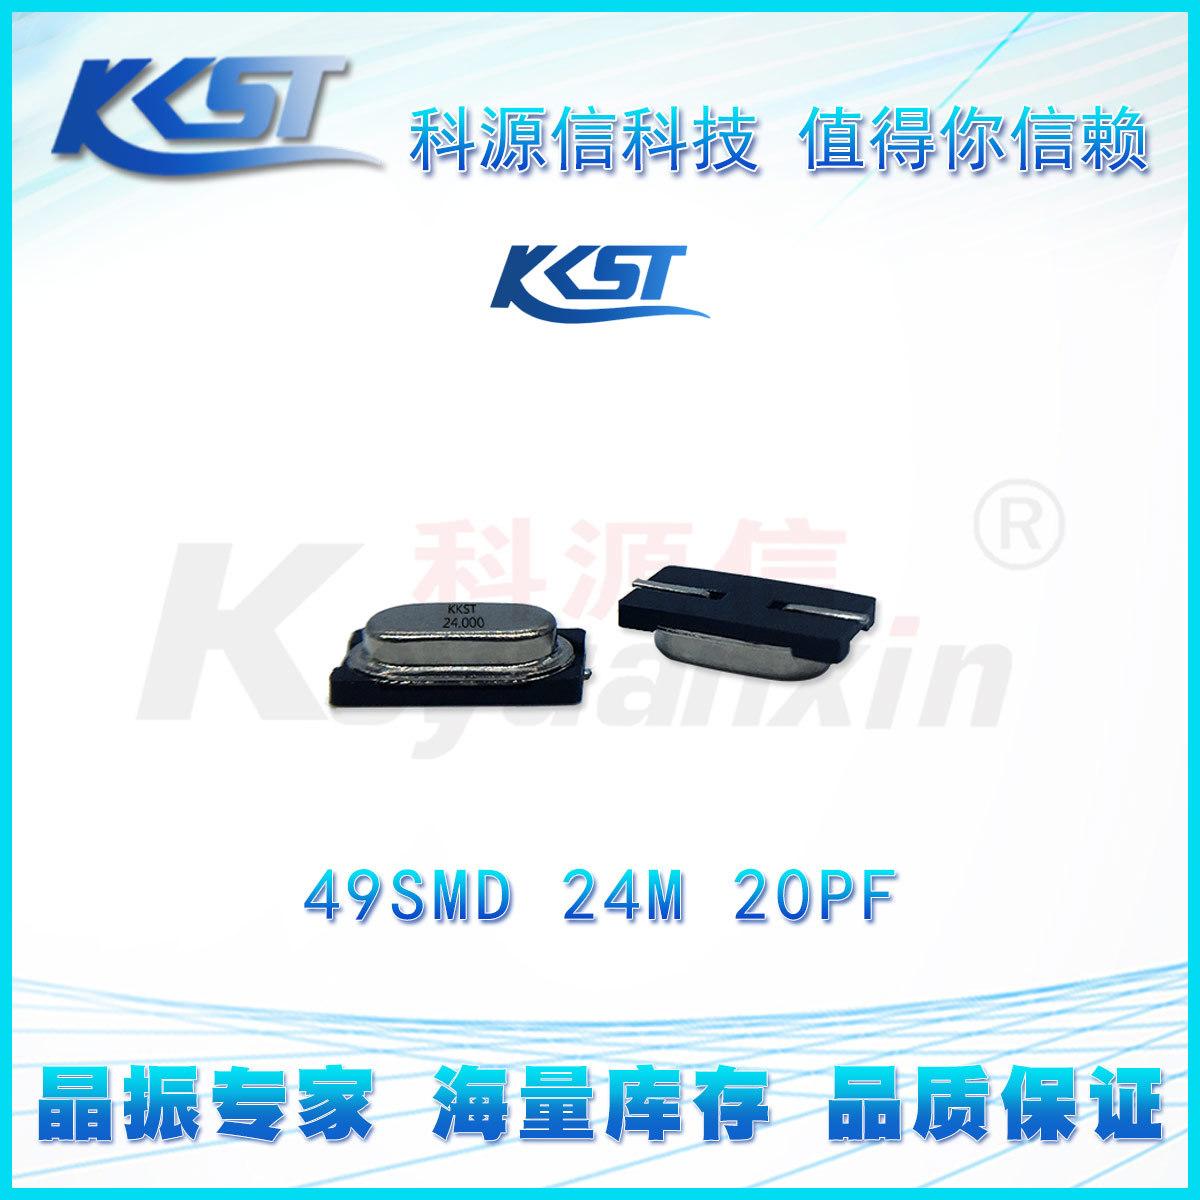 49SMD 24.000MHZ 晶振贴片 20pf 20ppm 11.5*4.8*4.0mm 现货供应